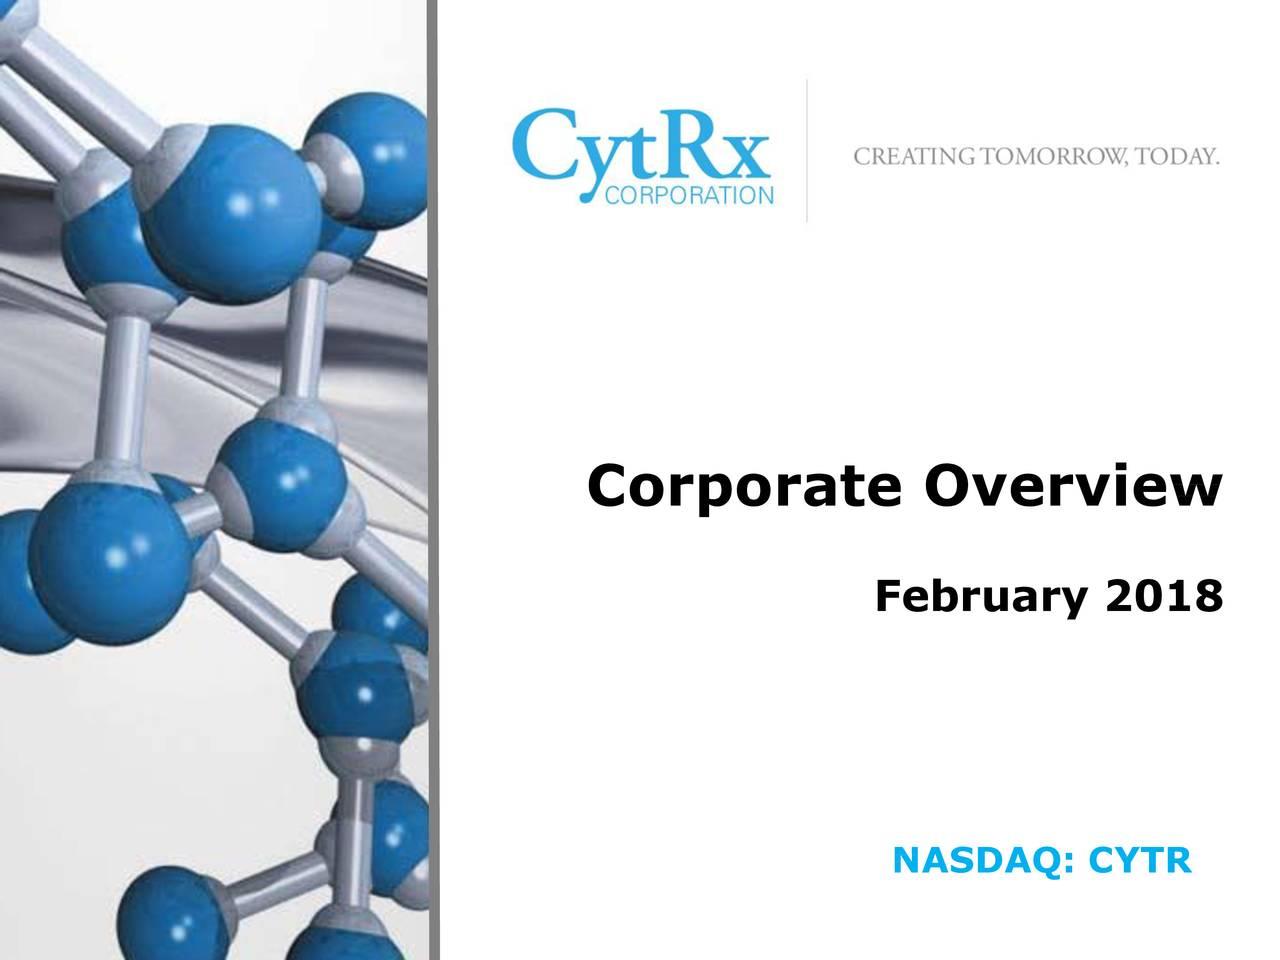 February 2018 NASDAQ: CYTR